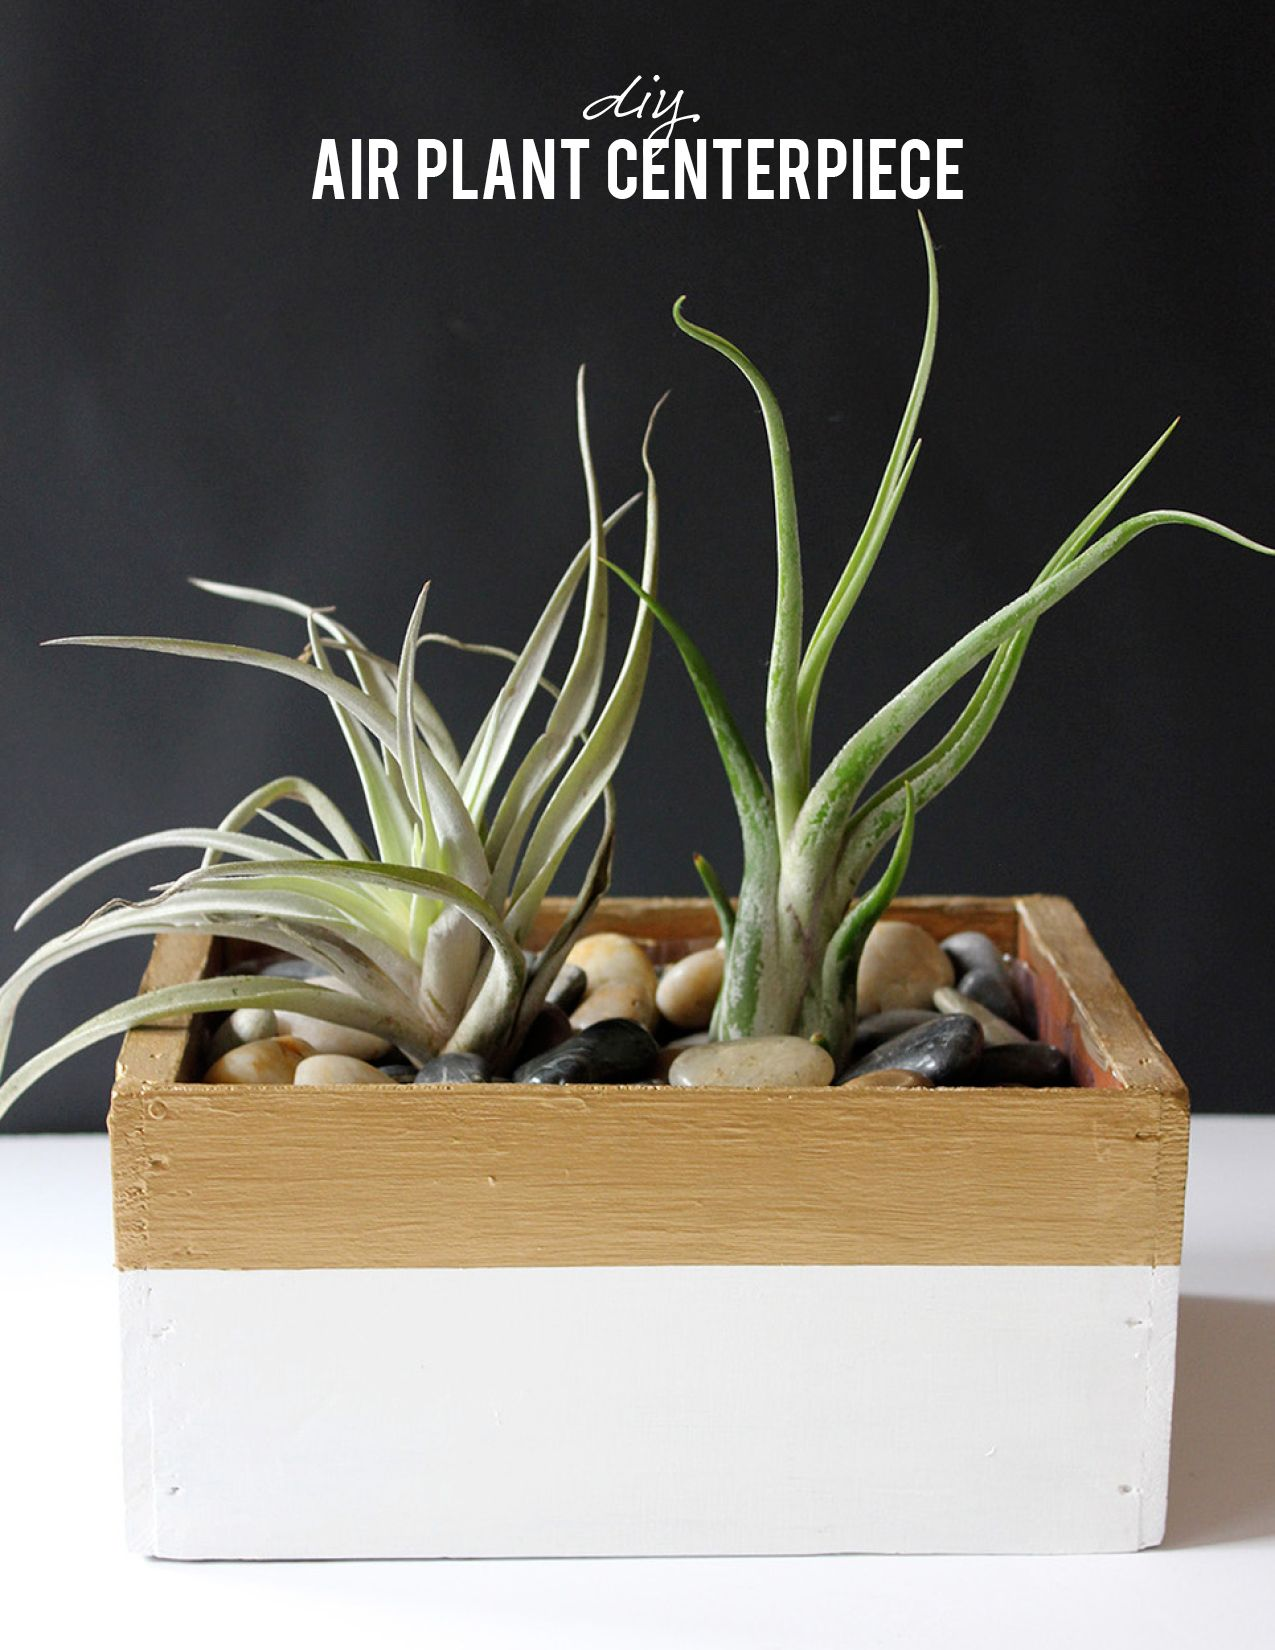 DIY Air Plant Centerpiece Plant centerpieces, Air plants